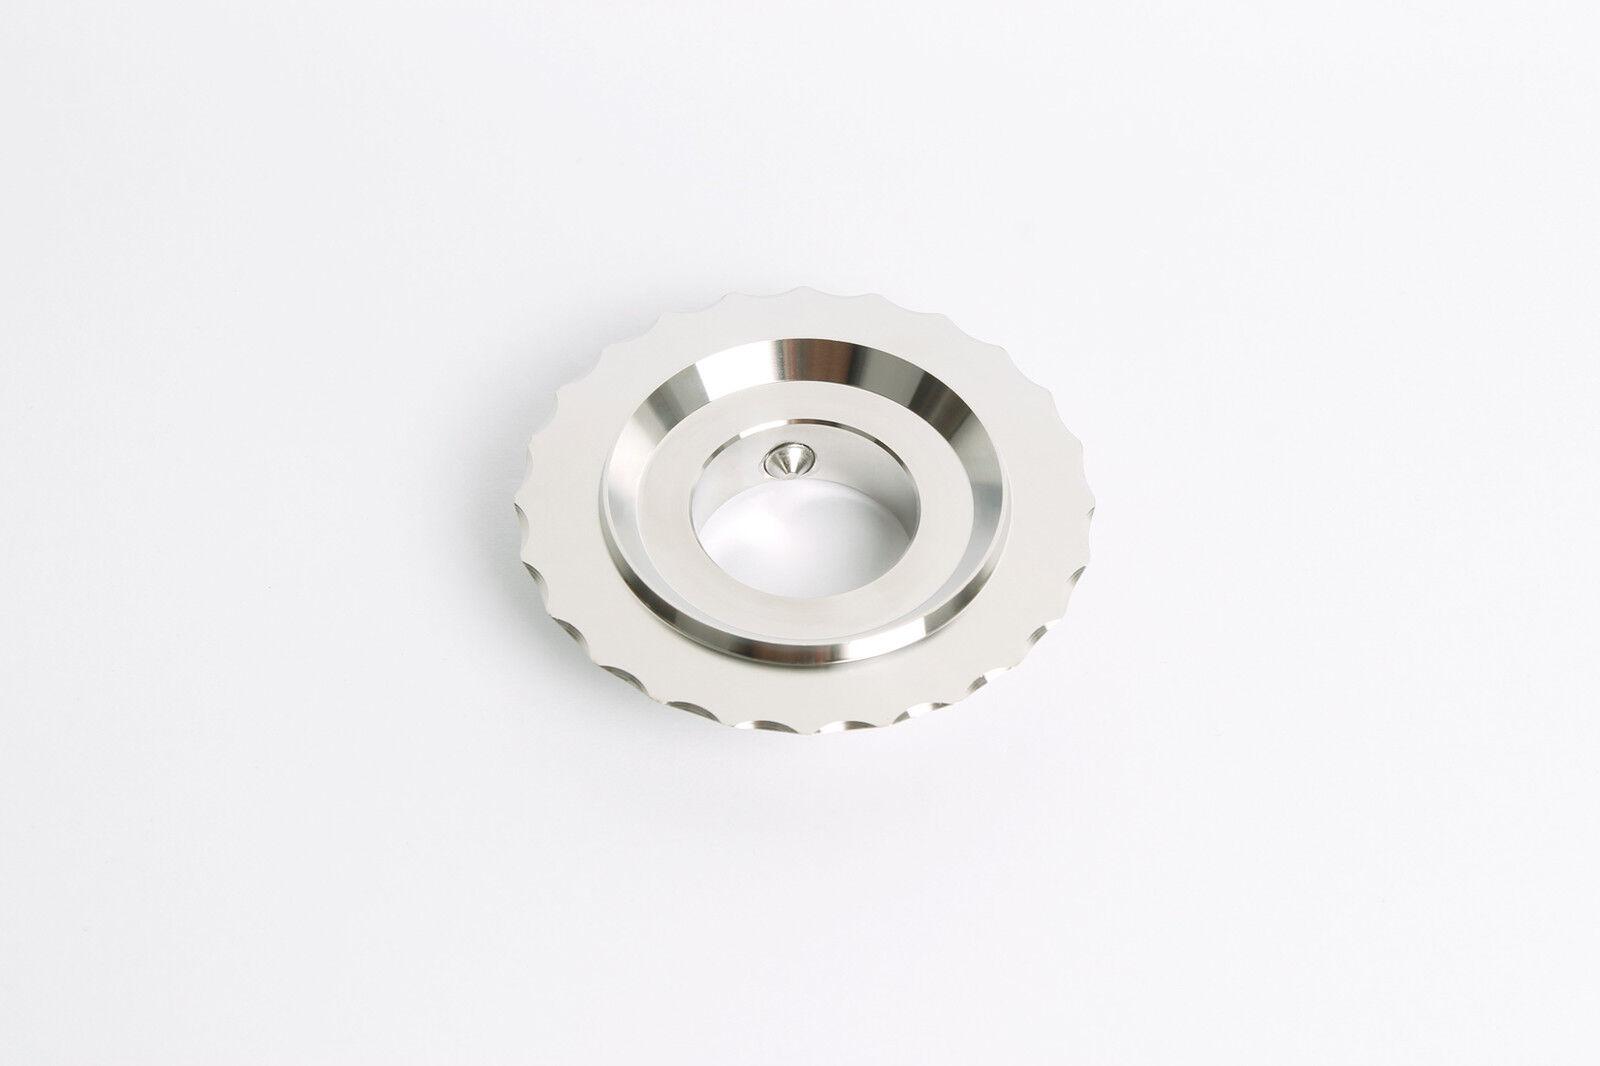 Tauwerkschneider für Motorwelle / schneidet Tauwerk aus aus aus Nylon Kevlar Stahlkabel 51d80f